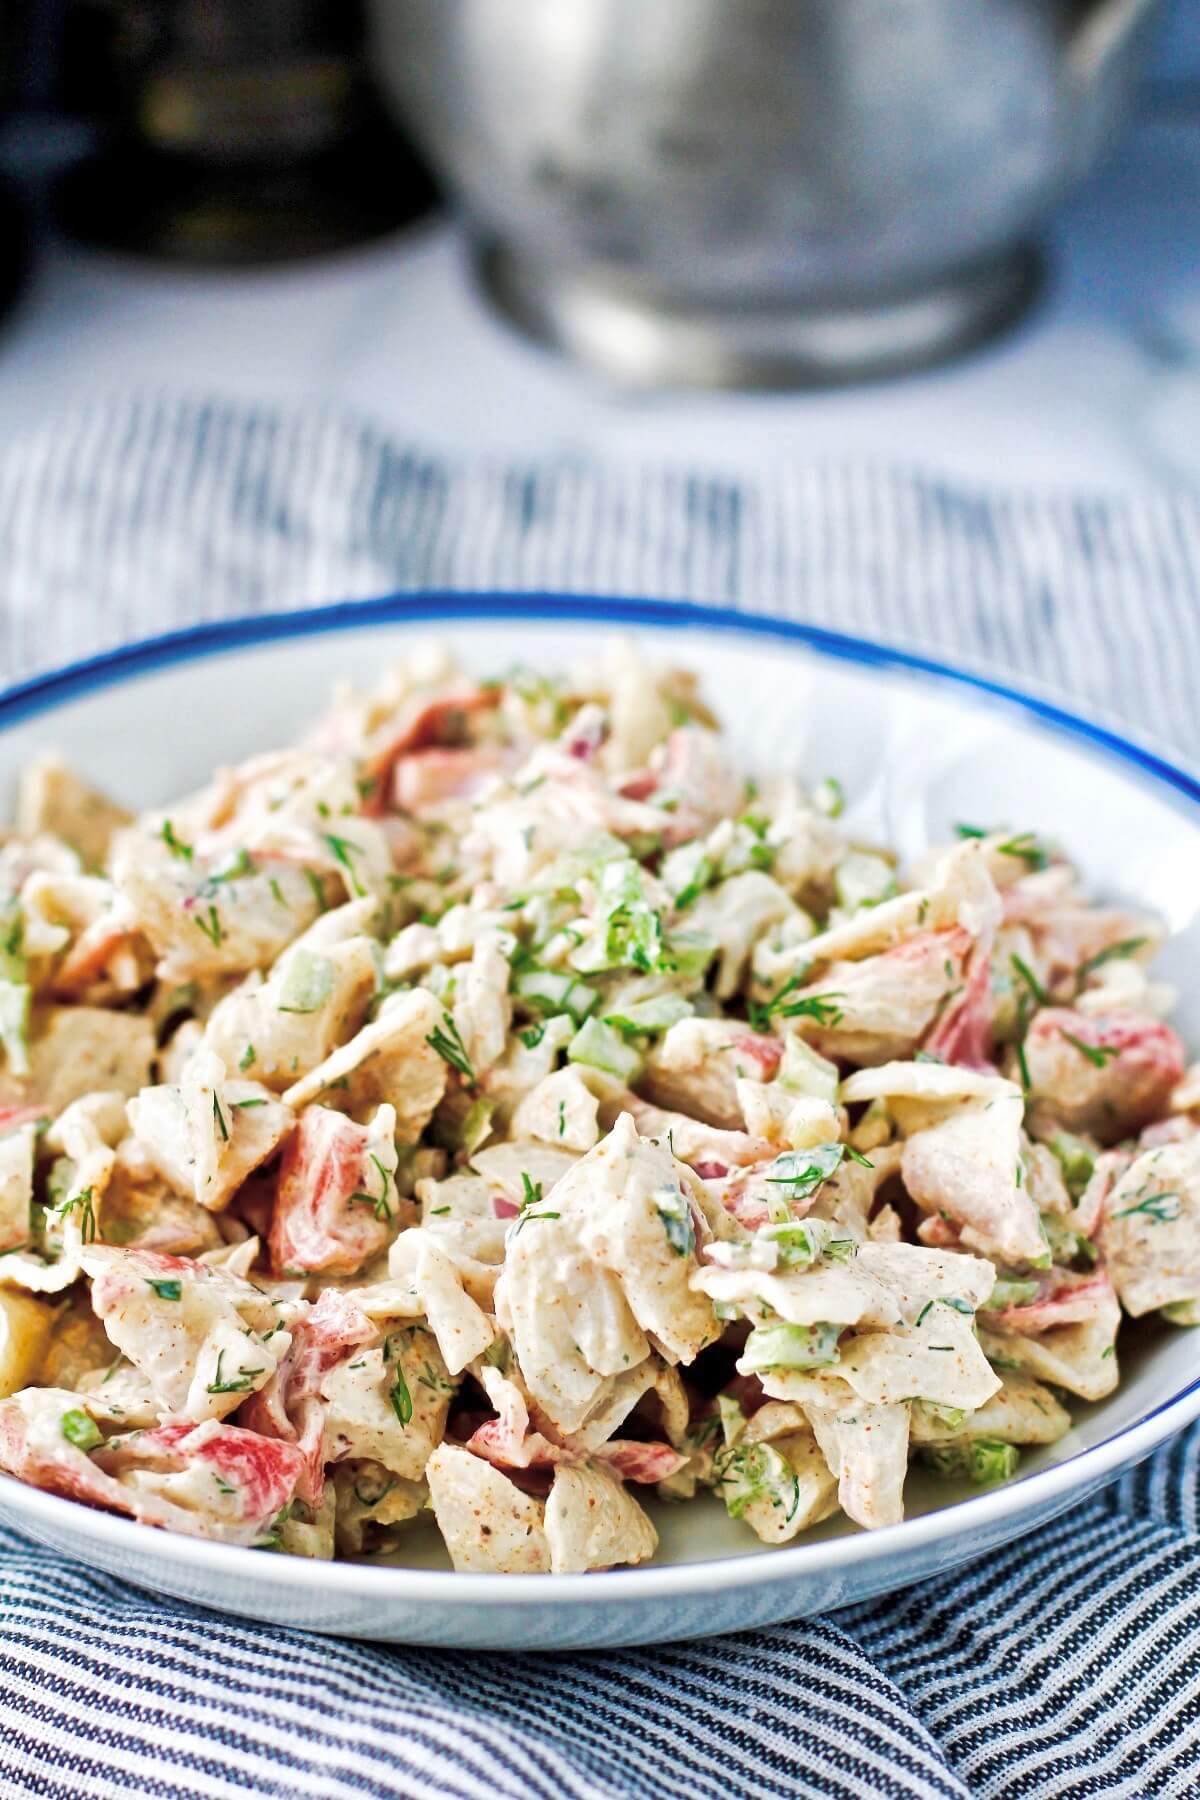 Surimi (Imitation Crab) Salad in a bowl.